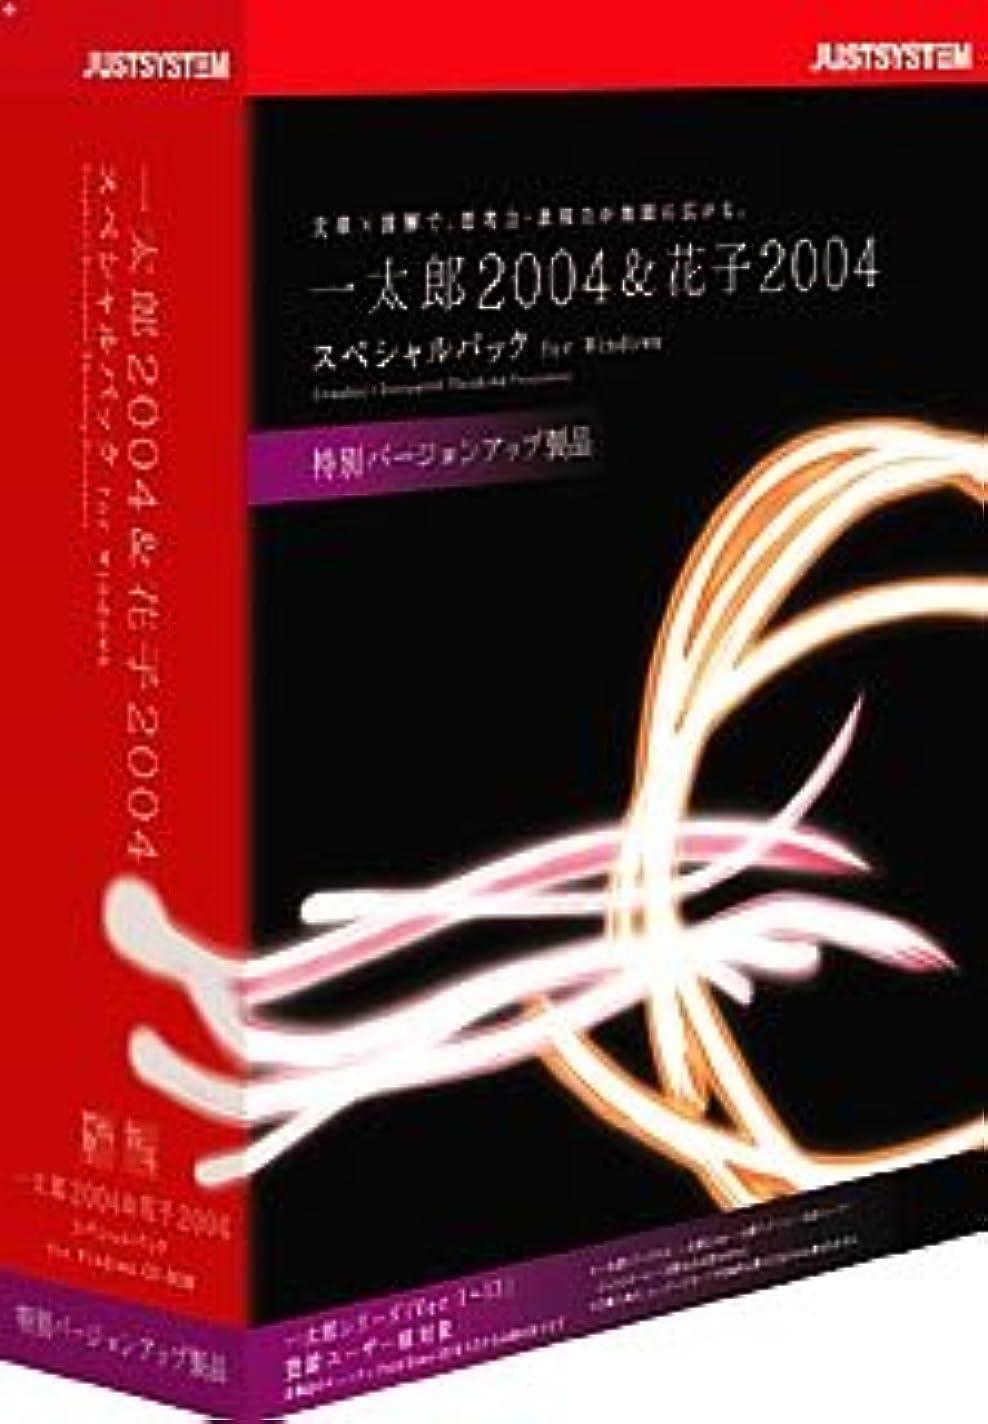 抱擁奪うコンバーチブル一太郎 2004 & 花子 2004 スペシャルパック 特別バージョンアップ版